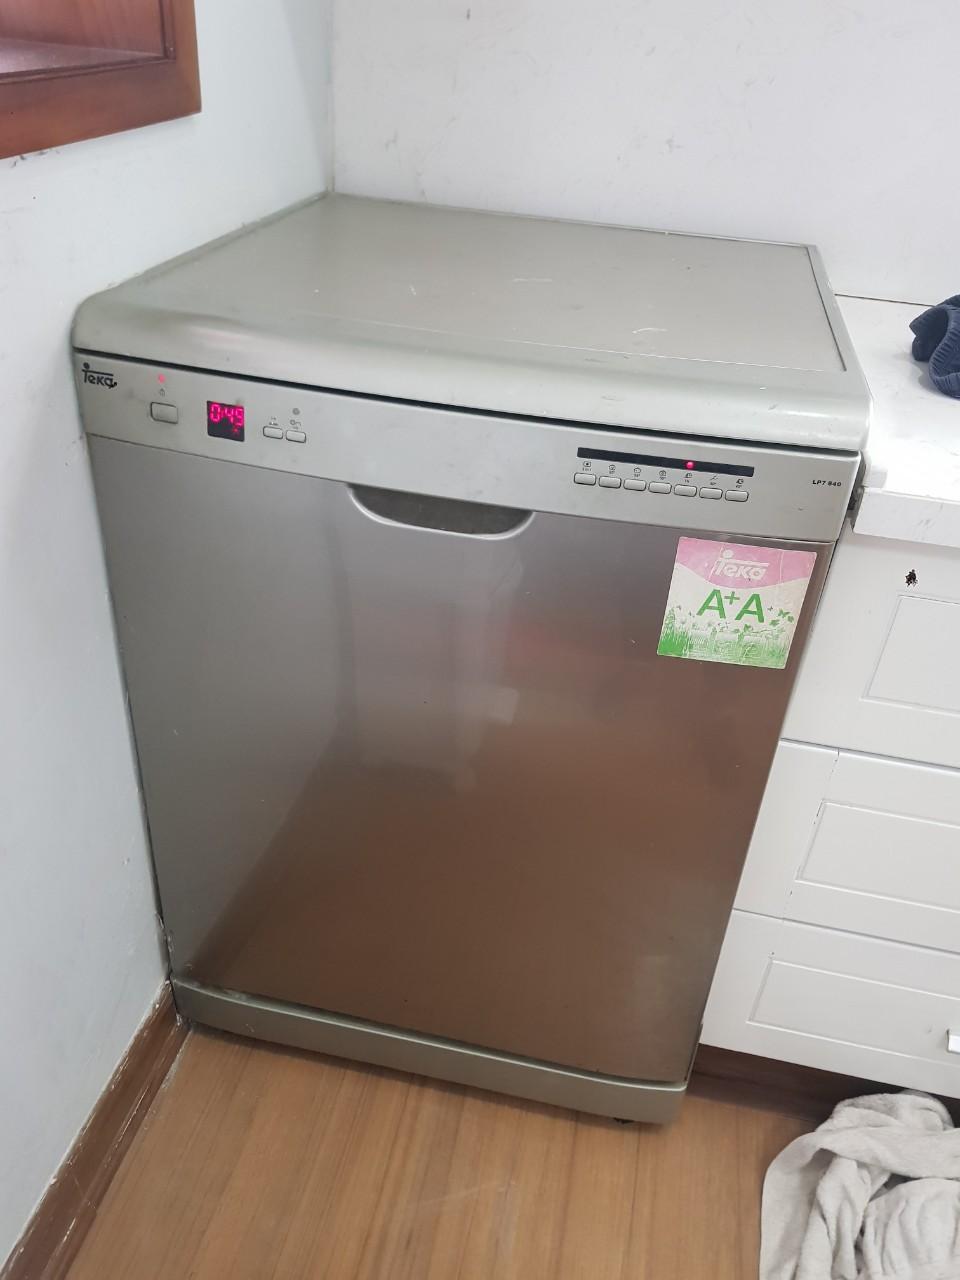 Sửa máy rửa bát teka tại hà nội